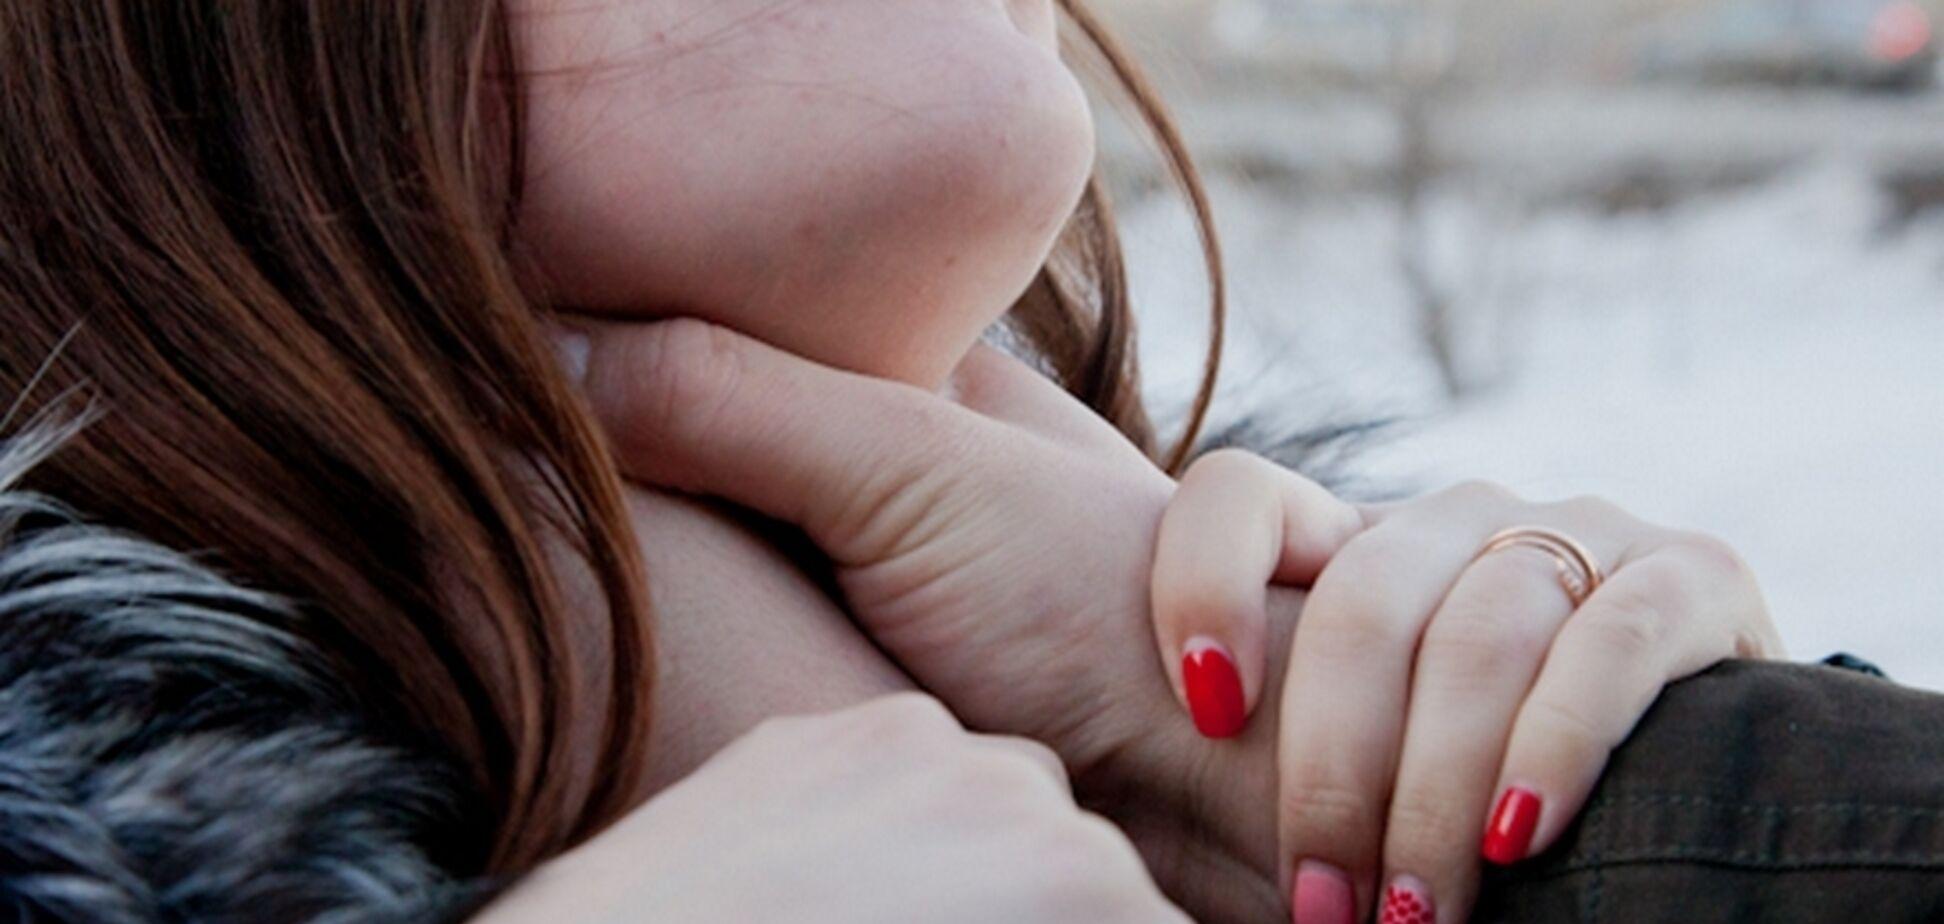 Бил и душил: в Киеве совершили дерзкое нападение на девушку